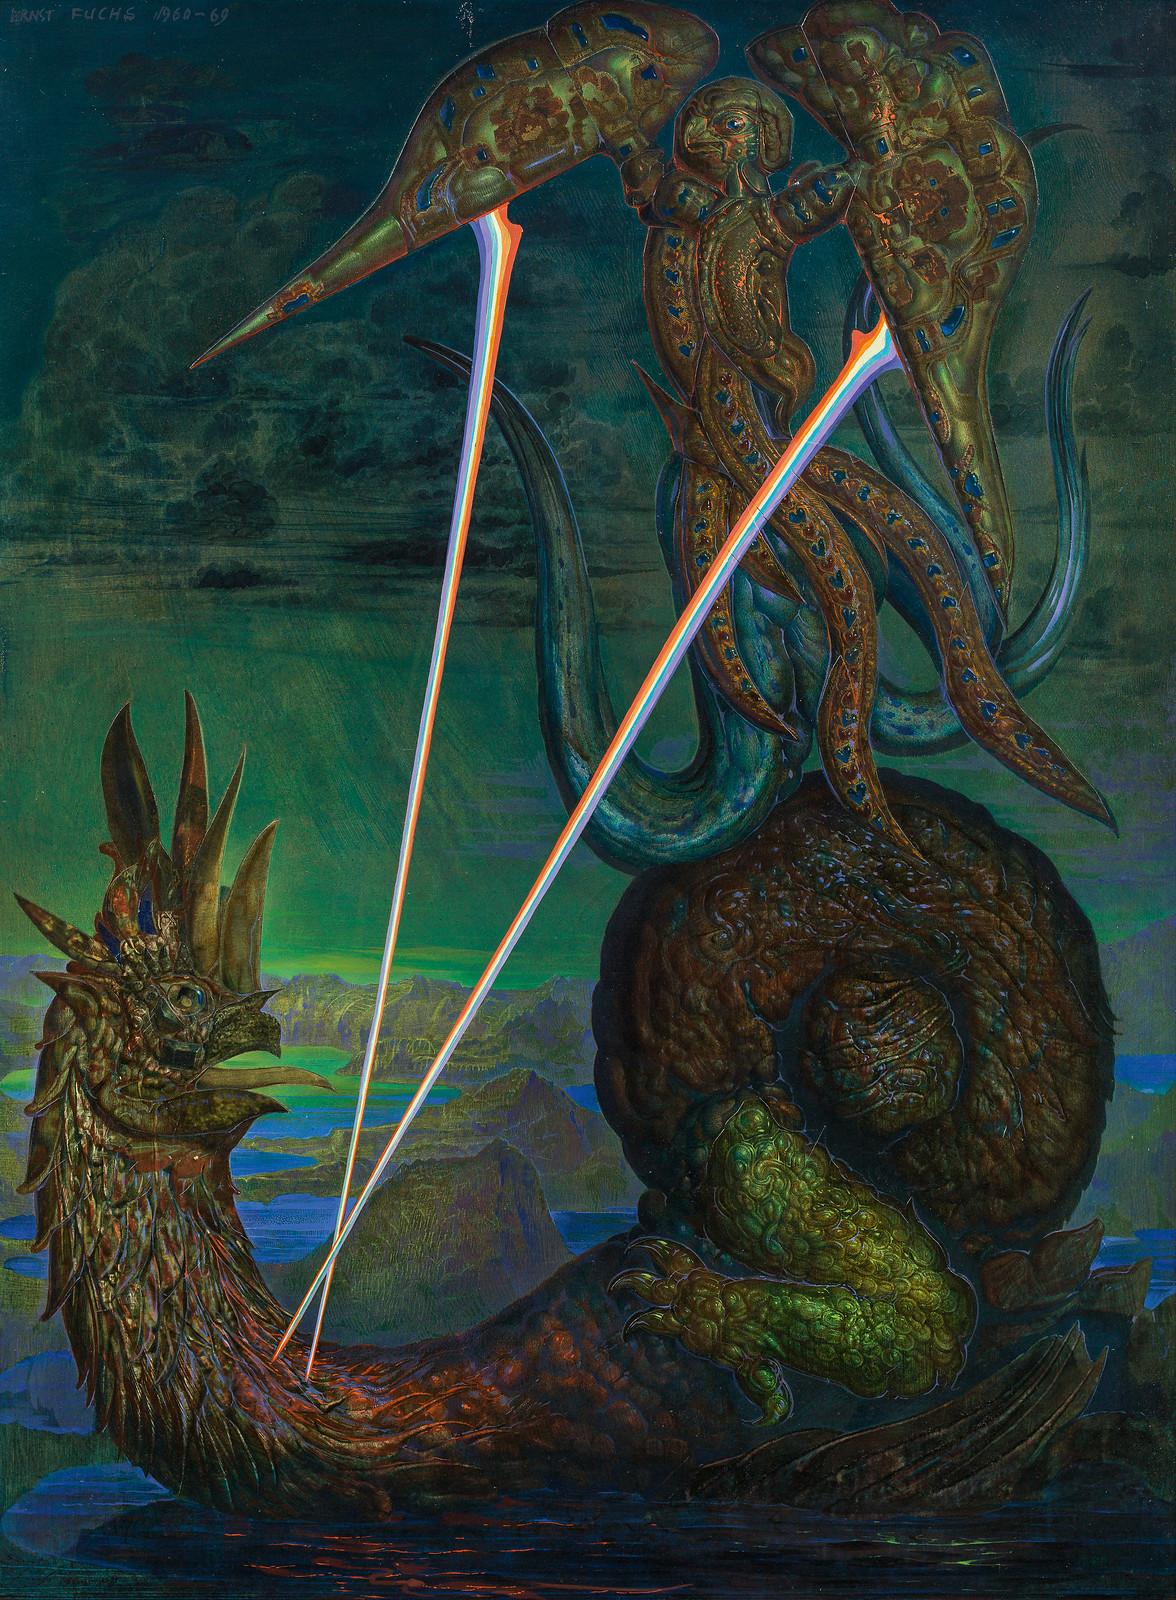 Ernst Fuchs - Griffin and Dragon, 1960-69